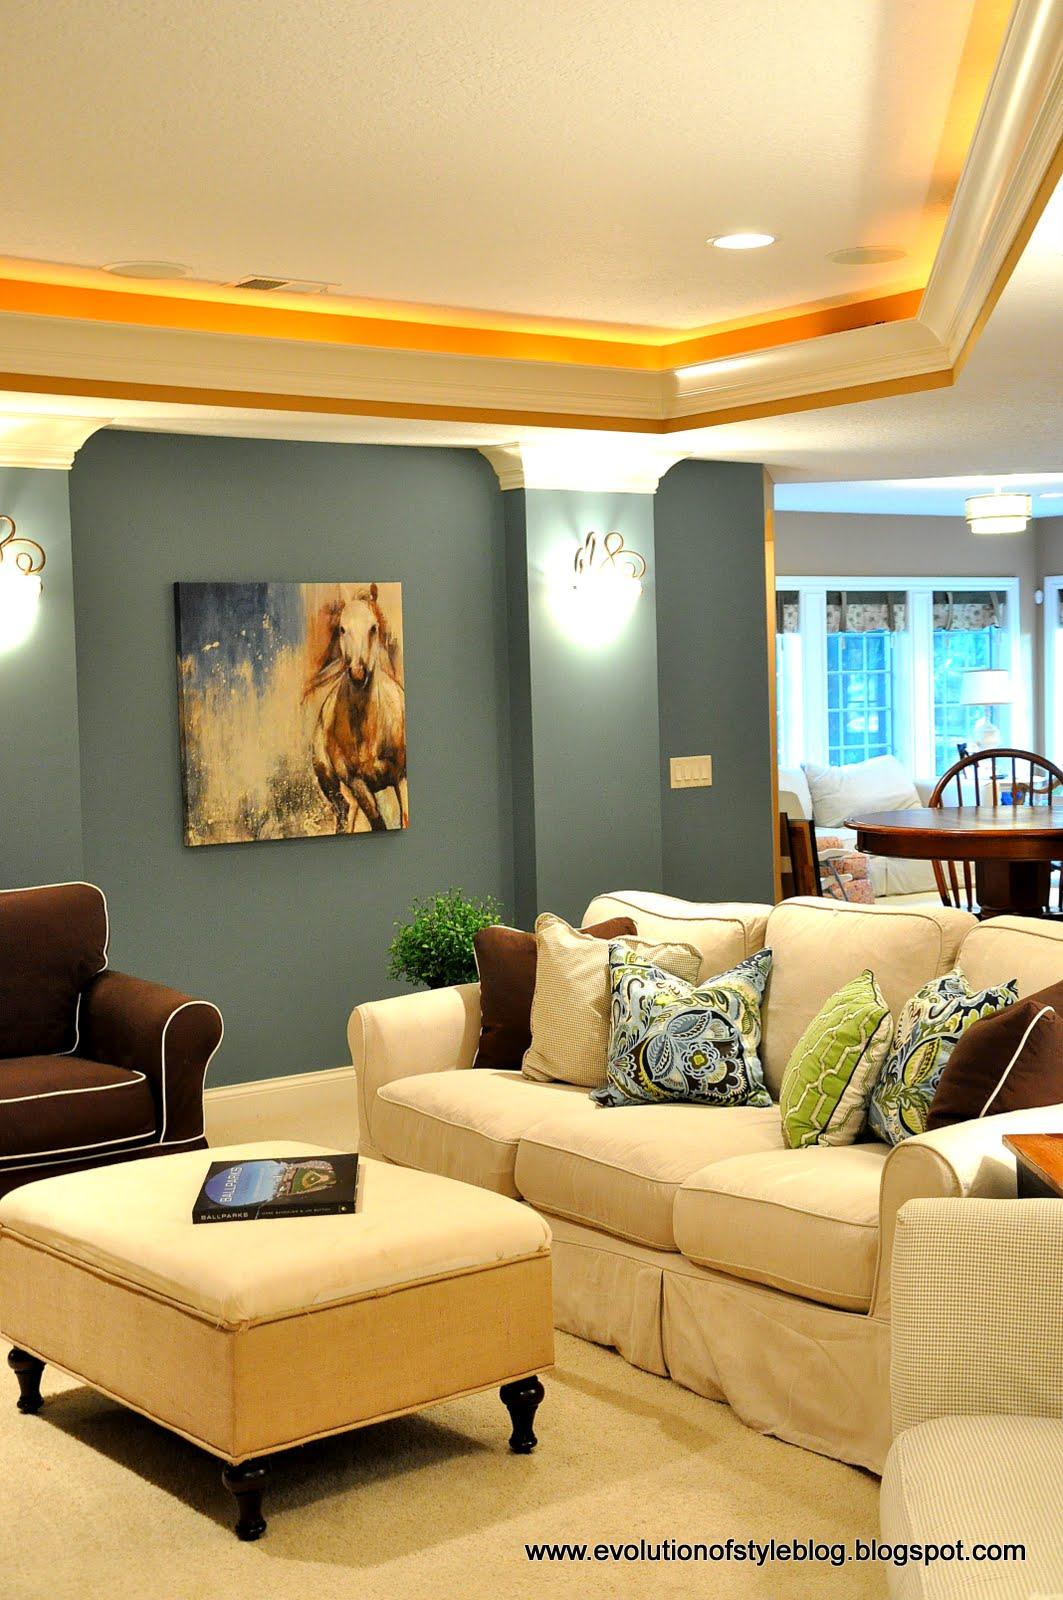 media room paint colorsOur Paint Colors  Evolution of Style